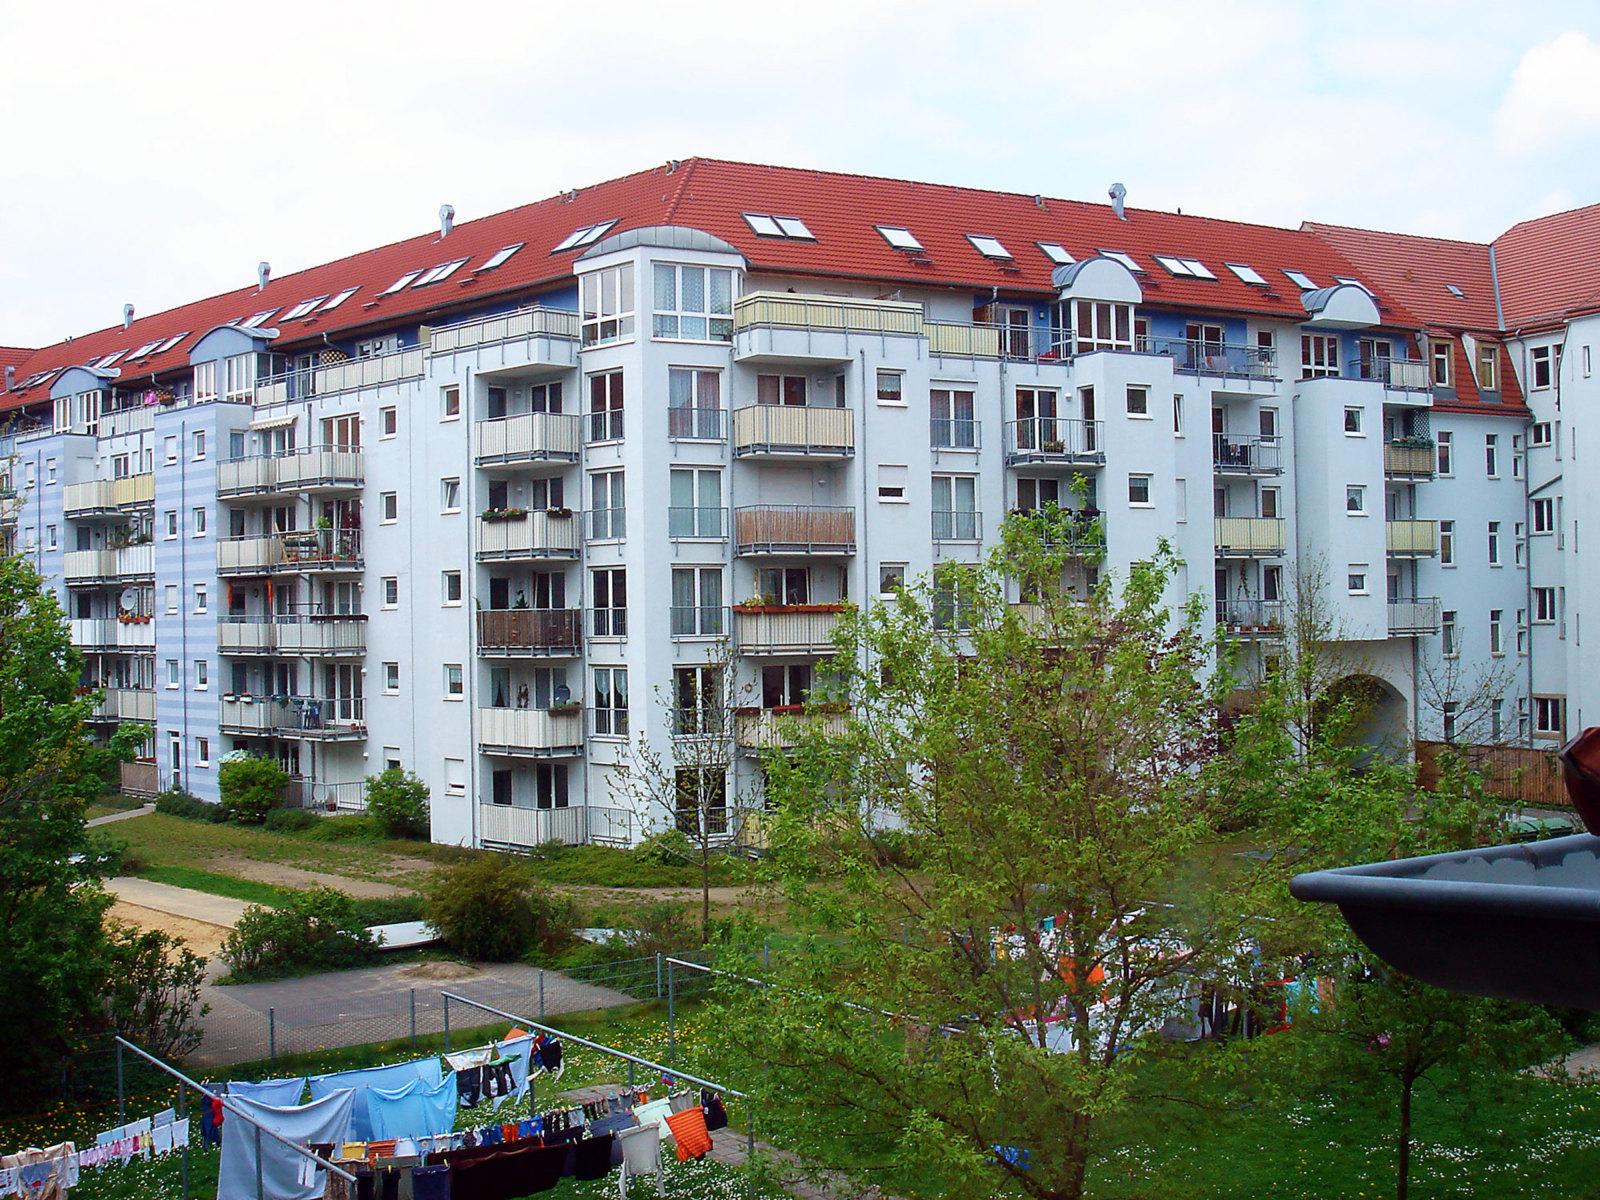 38 Eigentumswohnungen